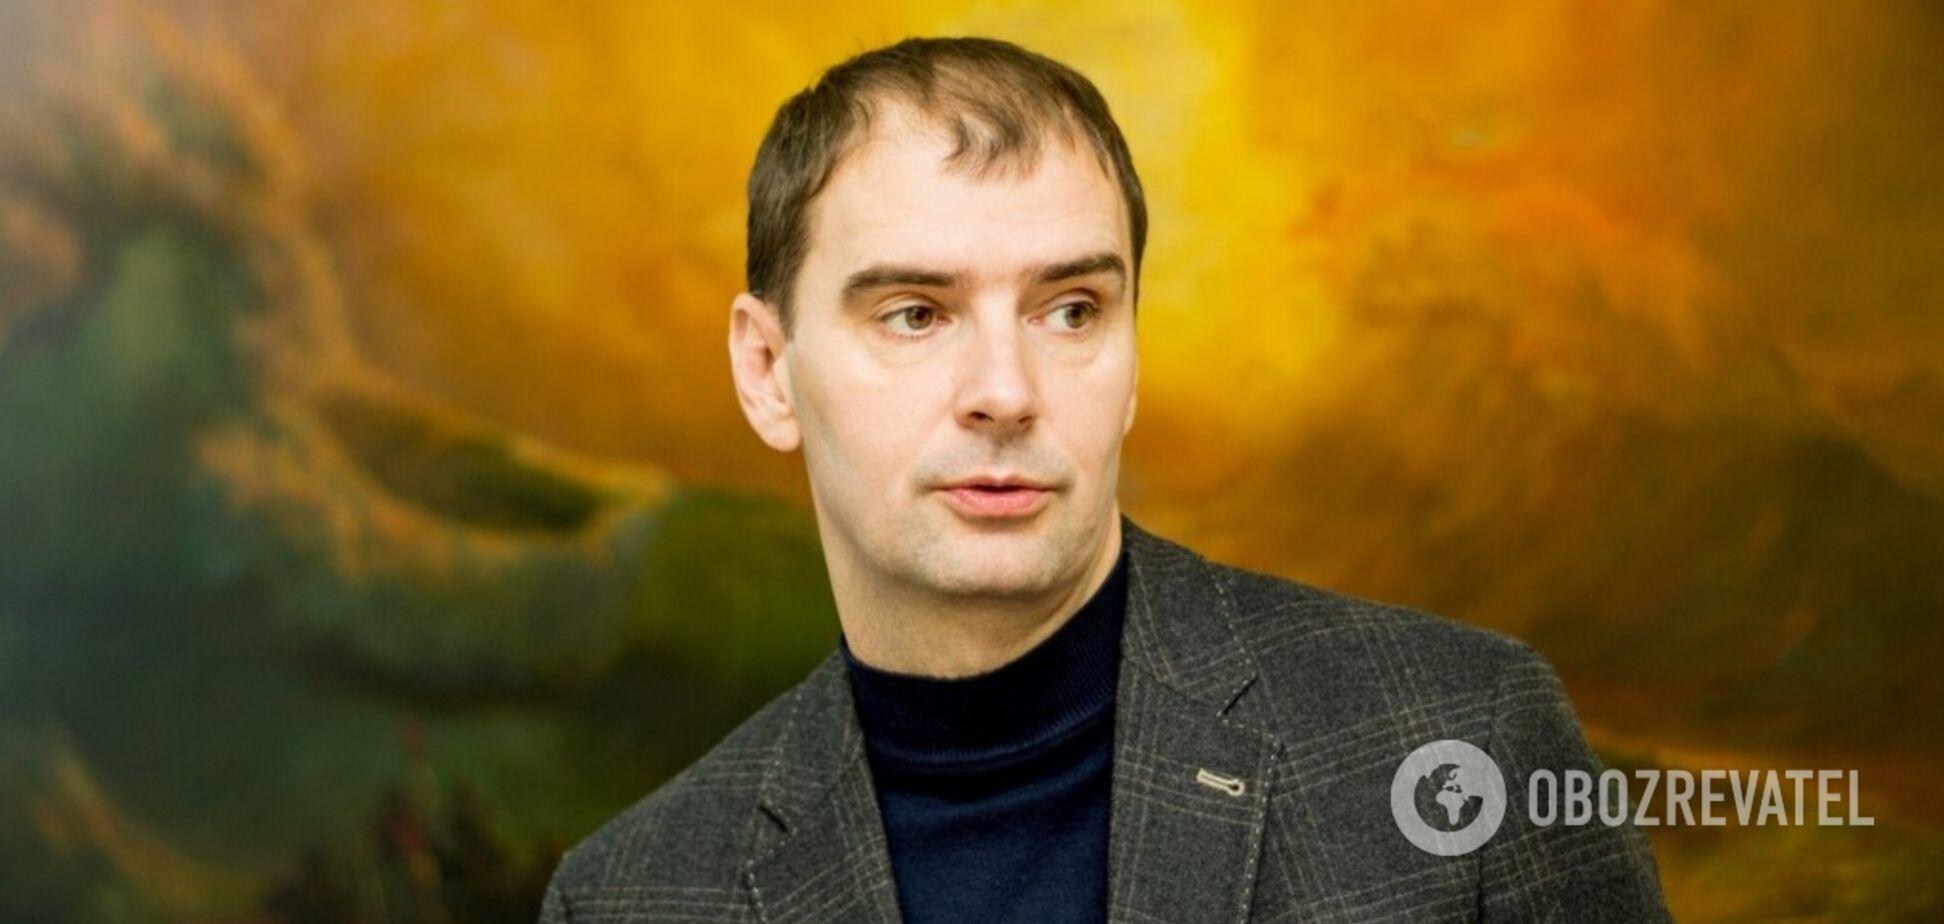 У атомной энергетики нет альтернатив – Онищенко рассказал о перспективах энергорынка